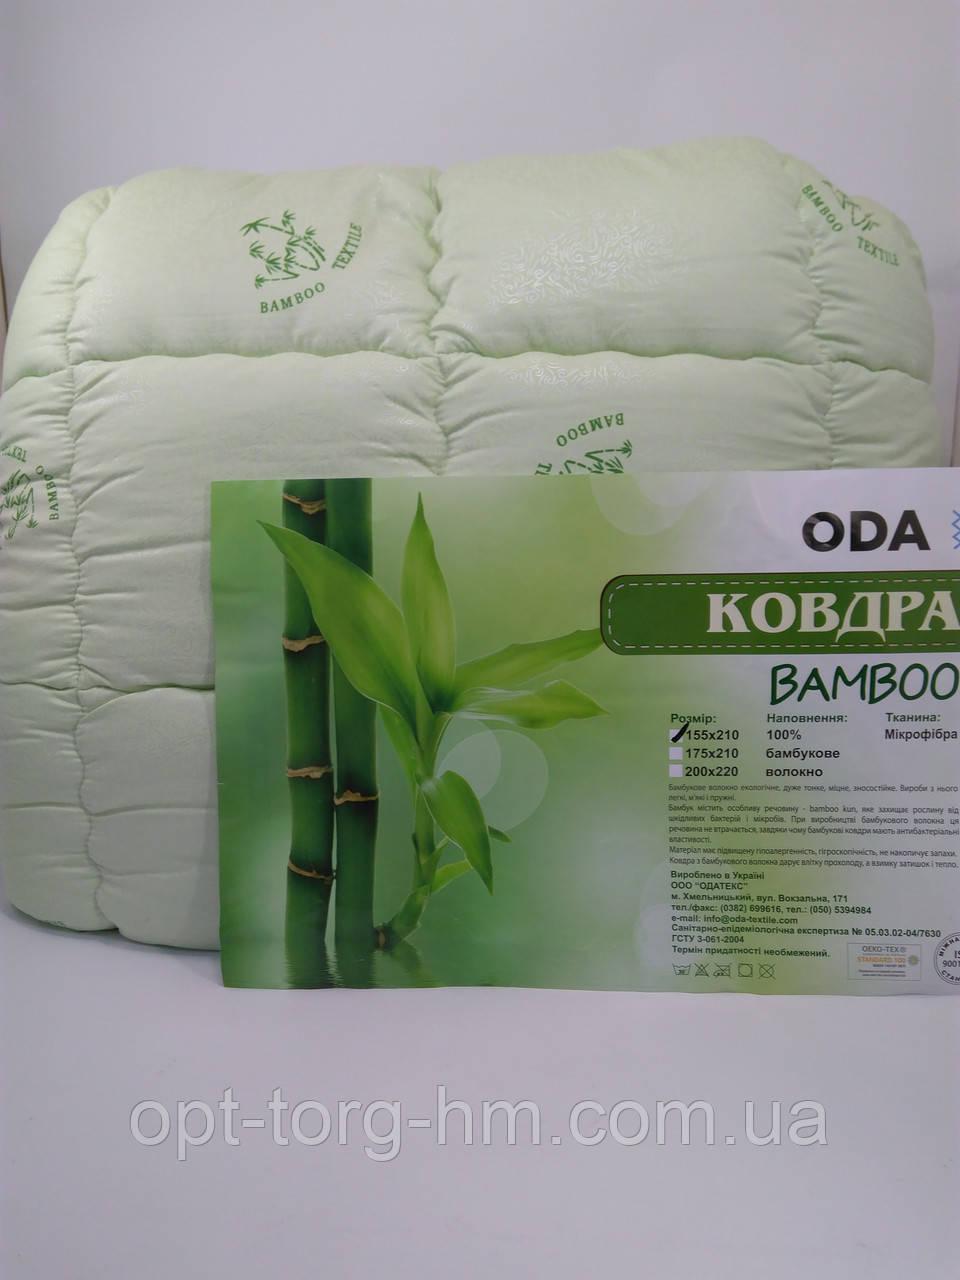 Одеяло Bamboo 155*215 ОДА (микрофибра)